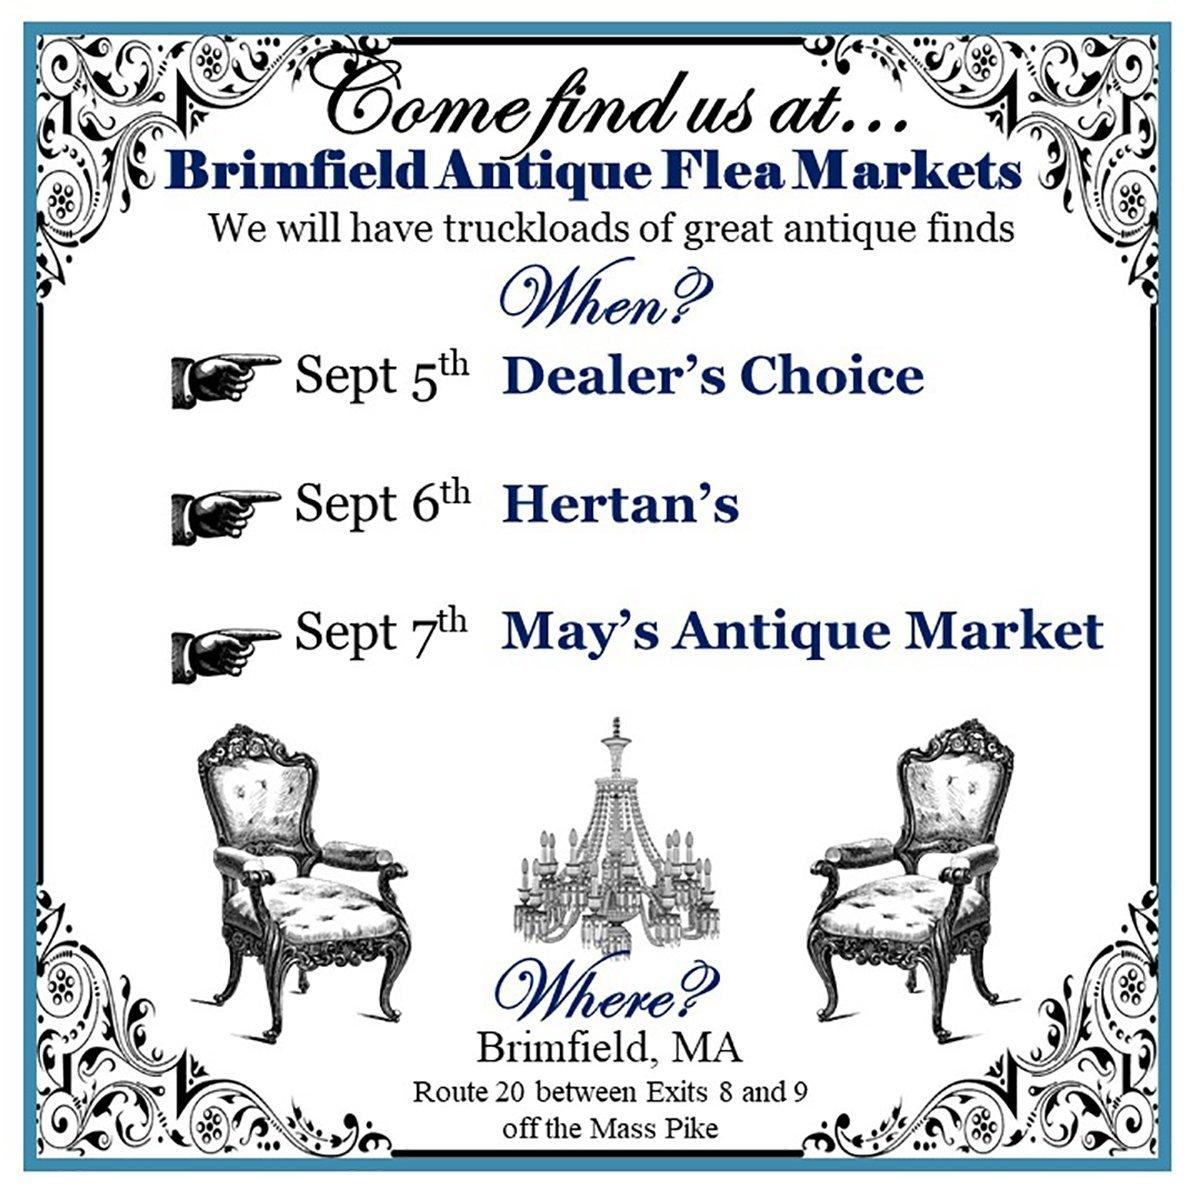 brimfield mass Massachusetts flea market find